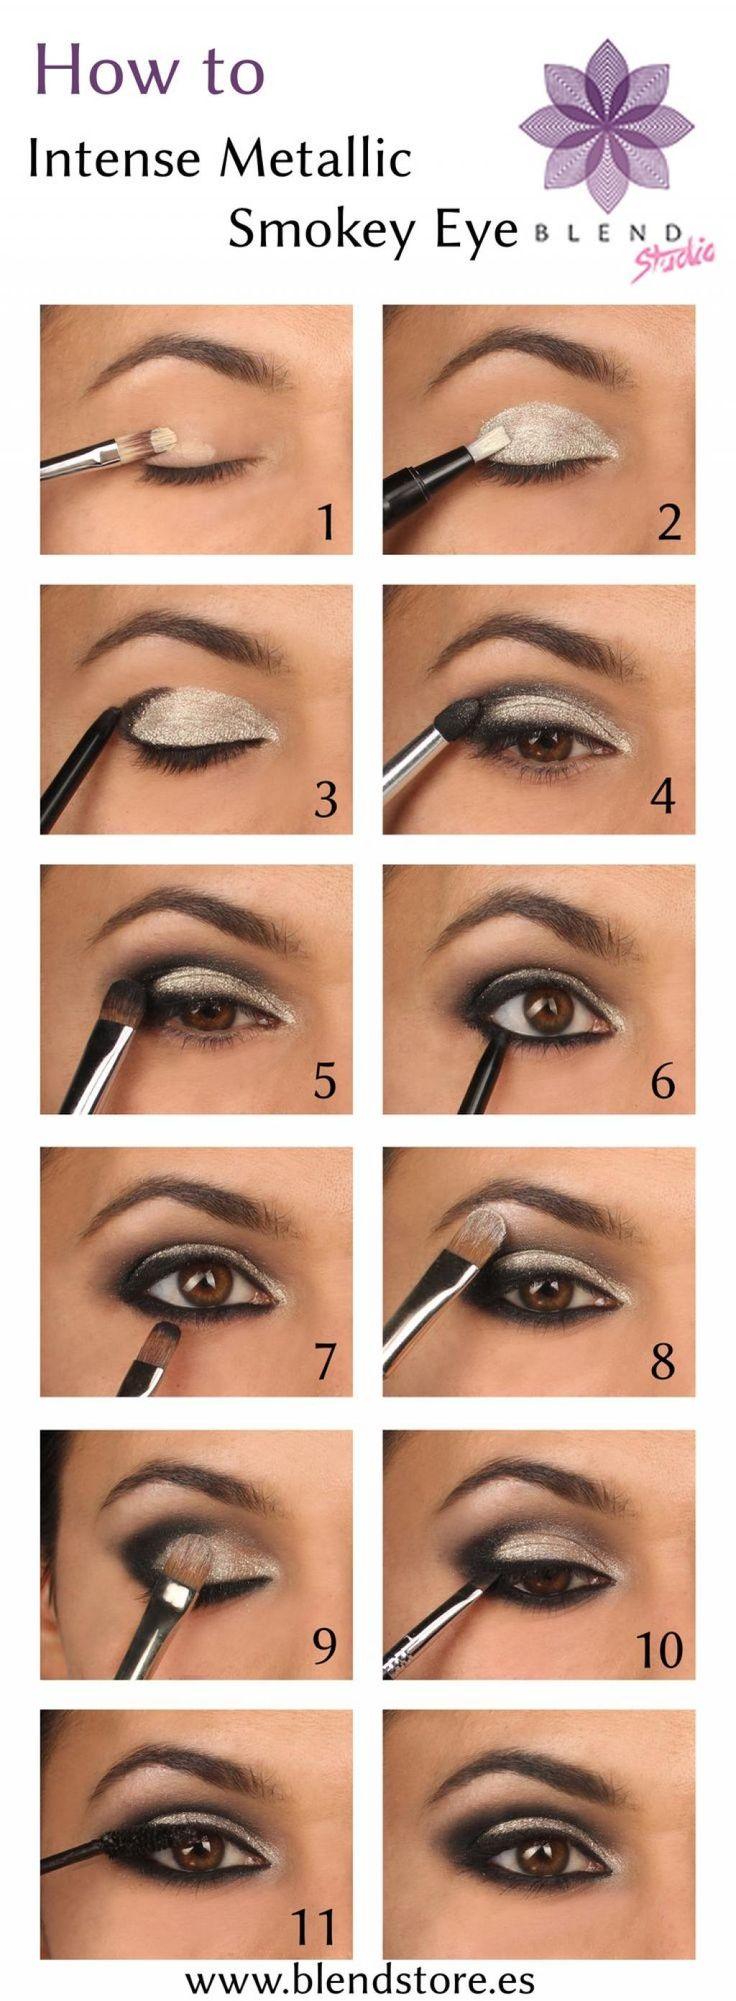 Une soirée chic en vu? Pratiquez votre maquillage!